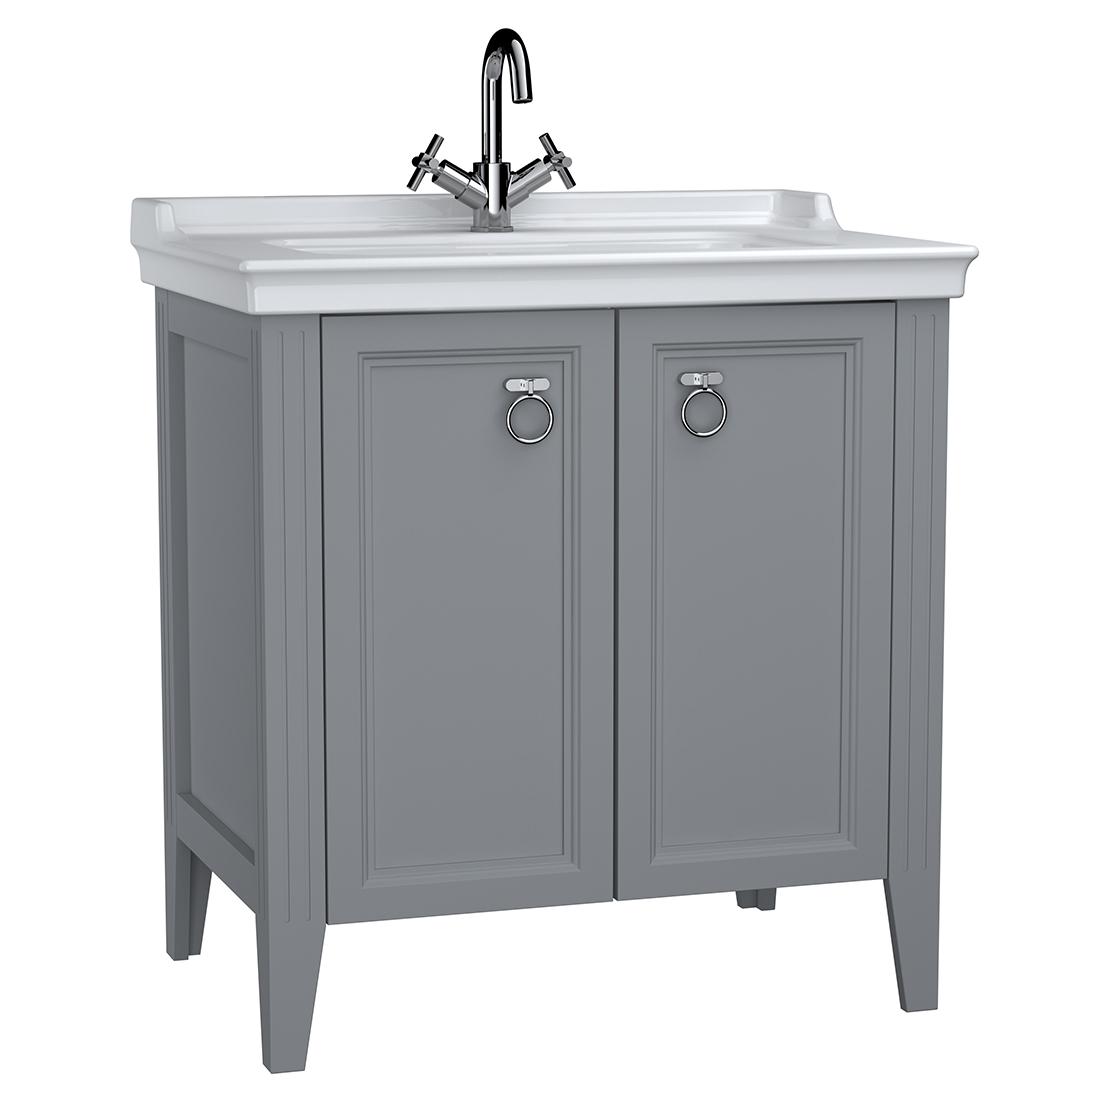 Valarte meuble avec plan céramique, 80 cm, avec portes, gris mat